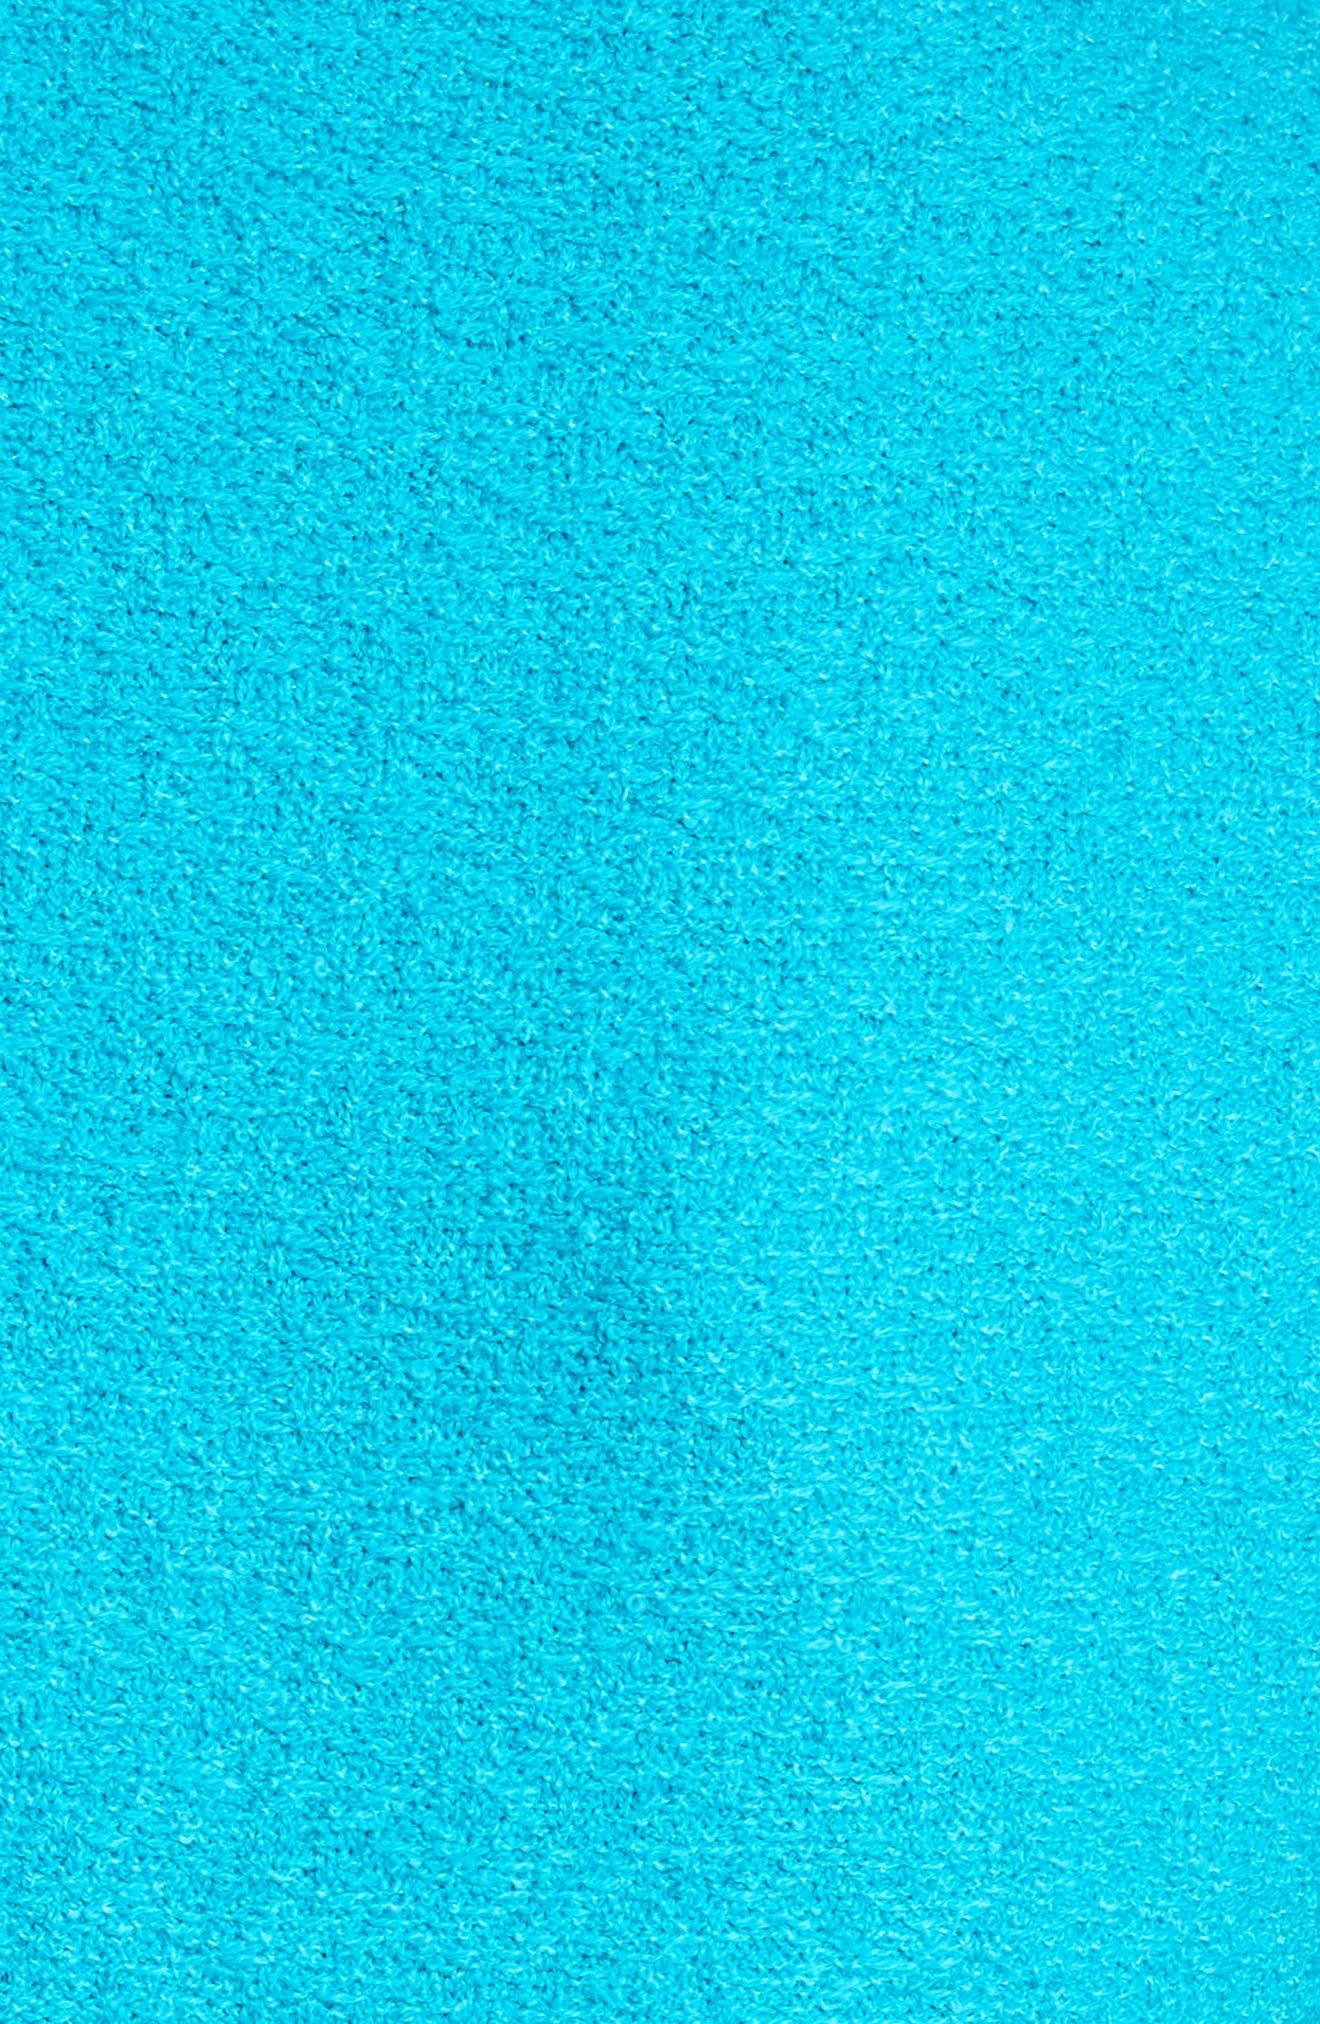 Clair Knit A-Line Dress,                             Alternate thumbnail 7, color,                             440